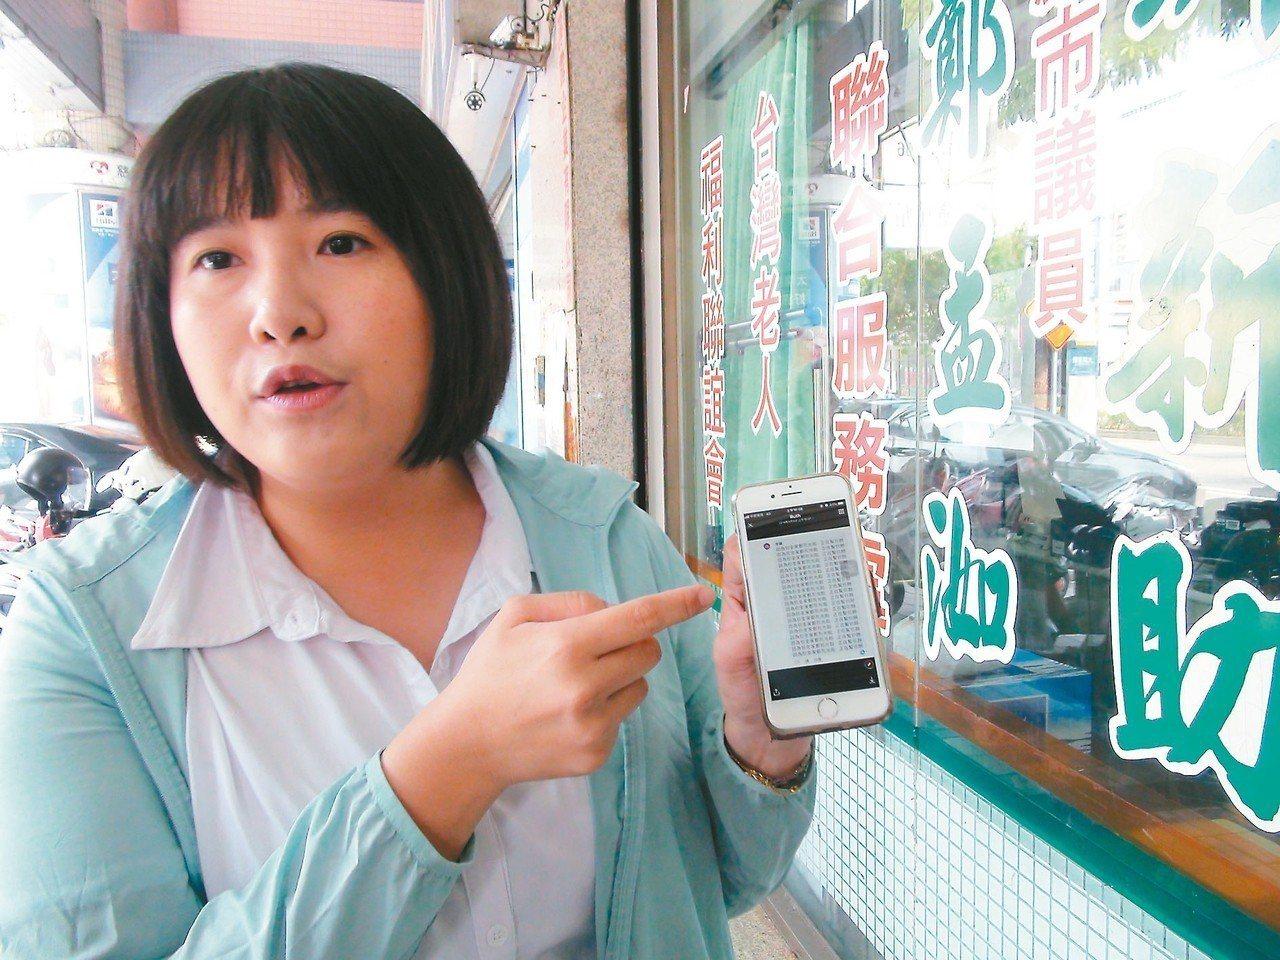 高雄市議員鄭孟洳昨天出示手機,指李姓網友以洗版方式辱罵她。 記者謝梅芬/攝影